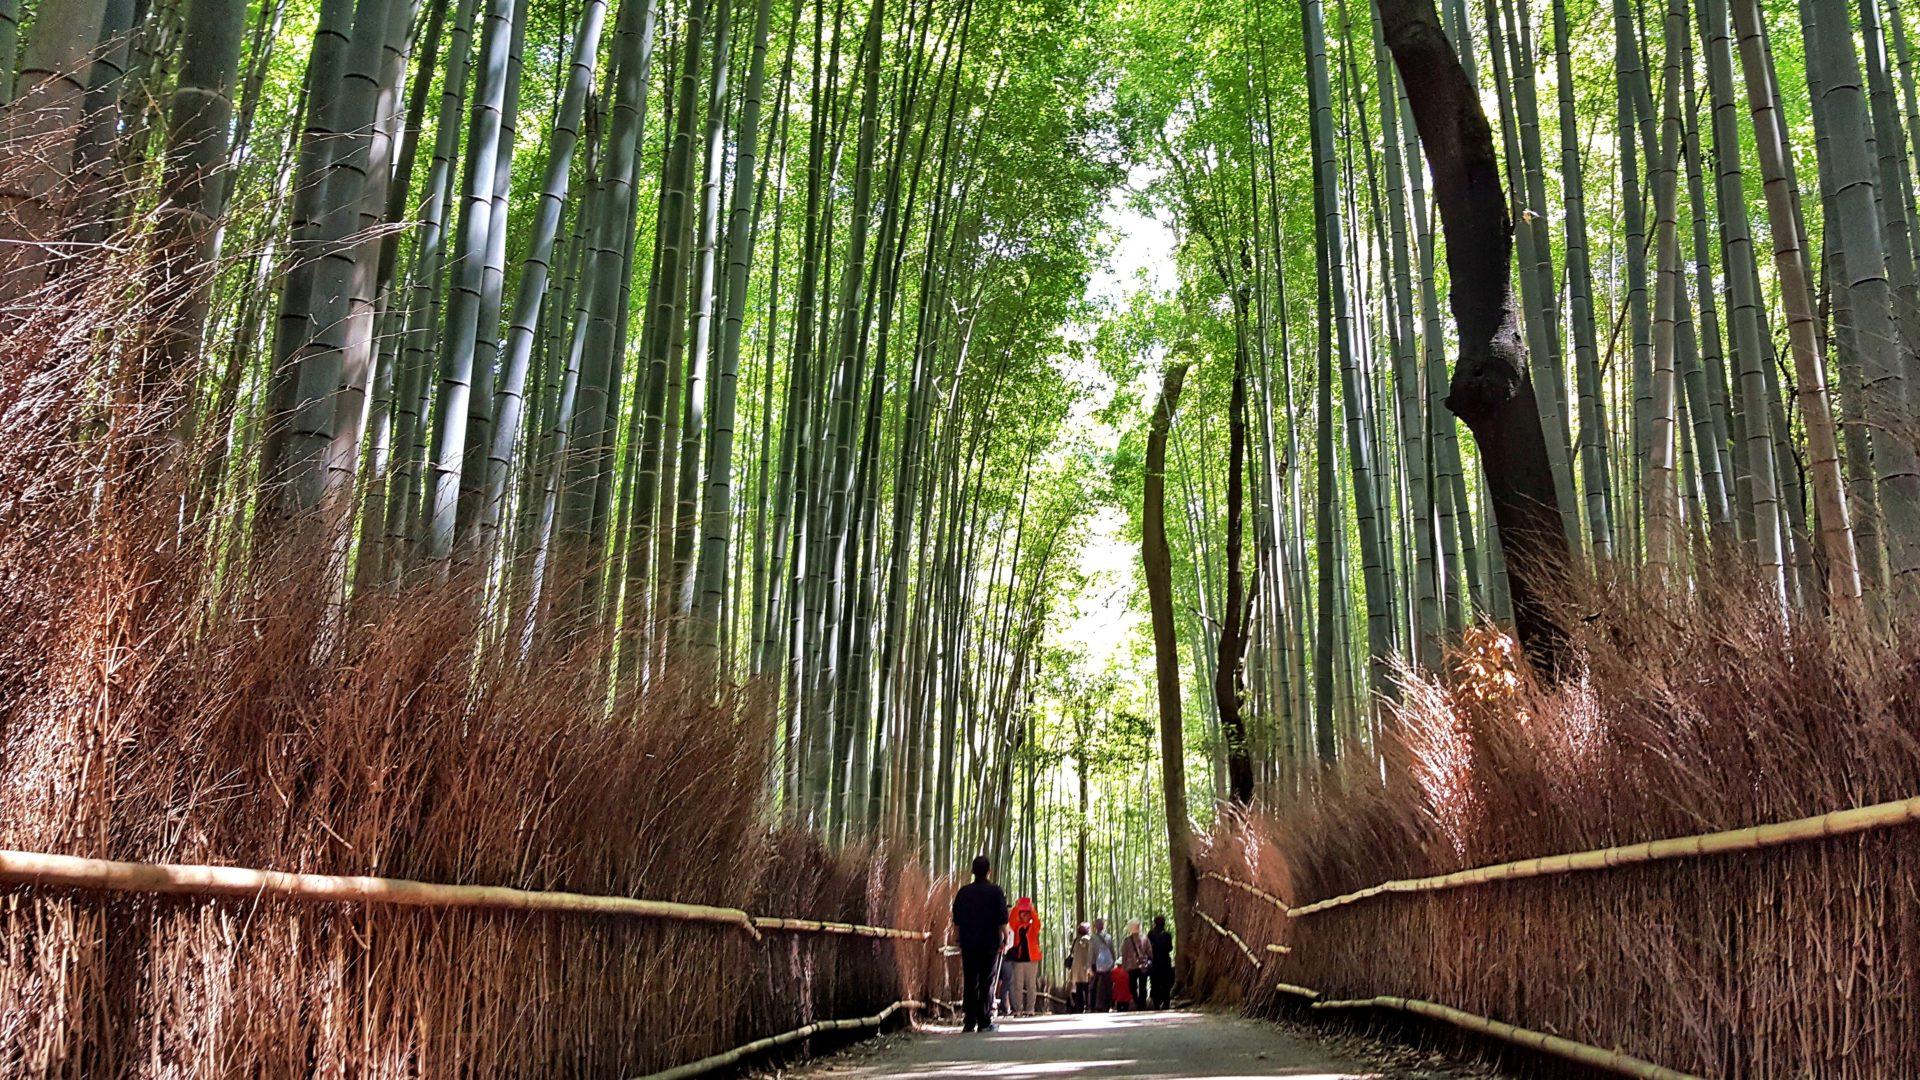 DIARIO DI VIAGGIO GIAPPONE foresta bamboo